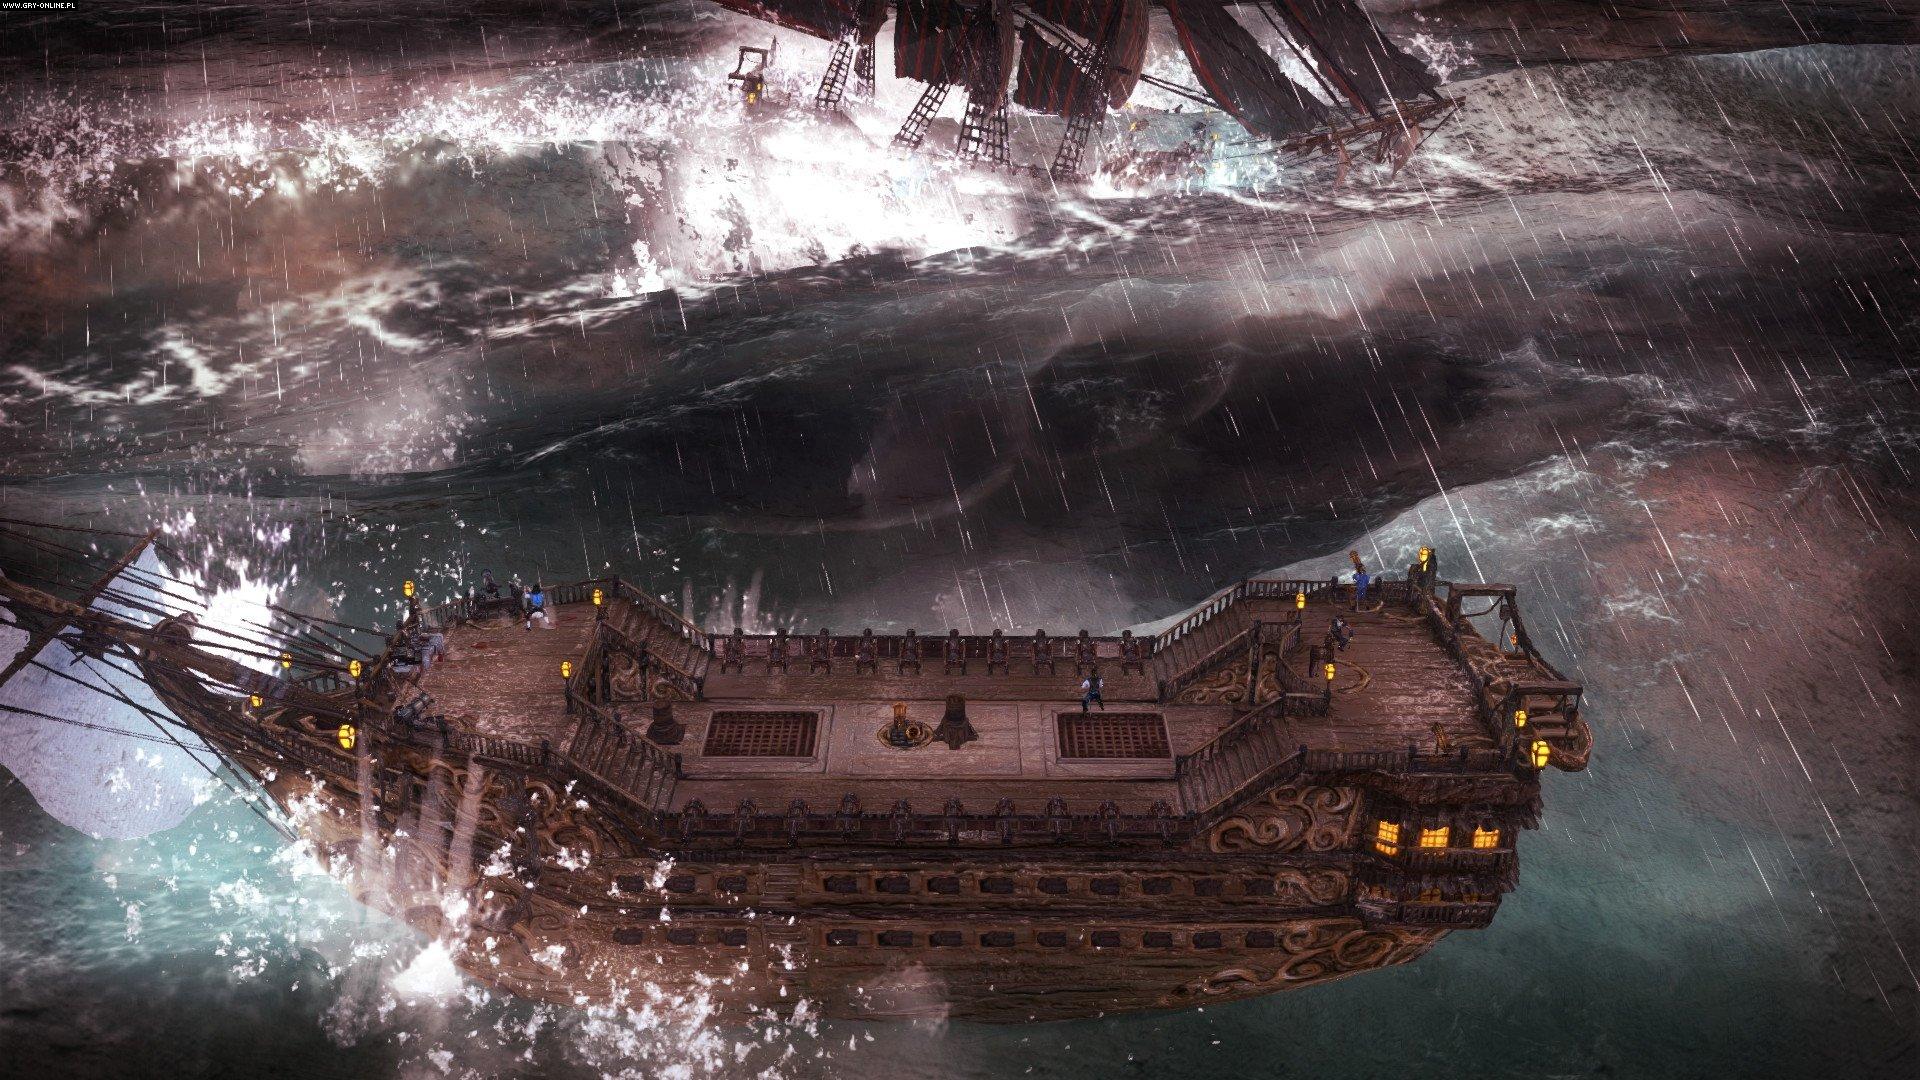 journey towa abandon ship - HD1920×1080